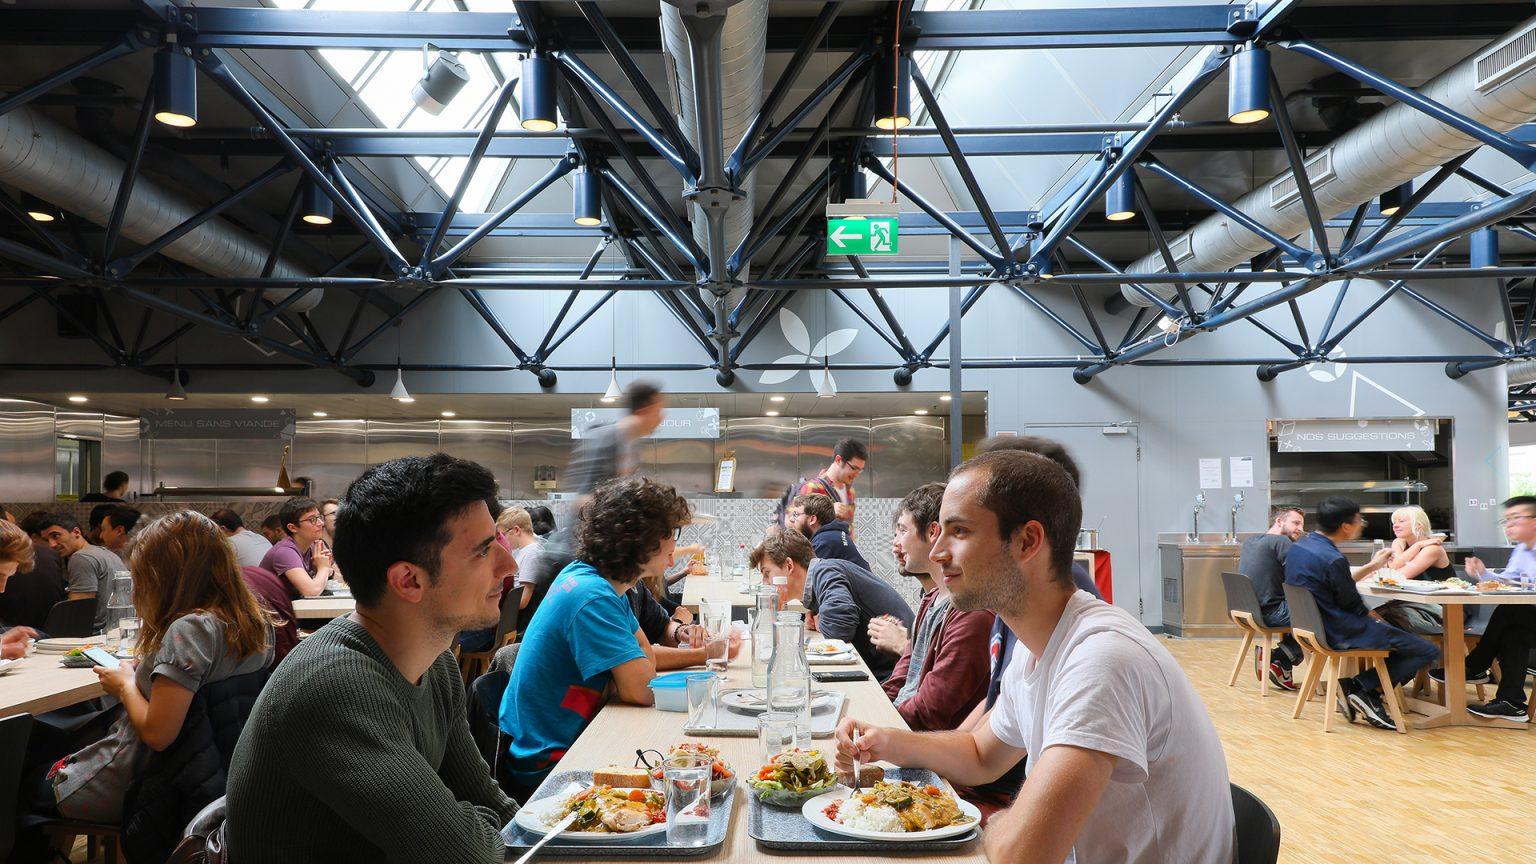 Table Centrale De Cuisine restaurants – restaurants – shops – hotels